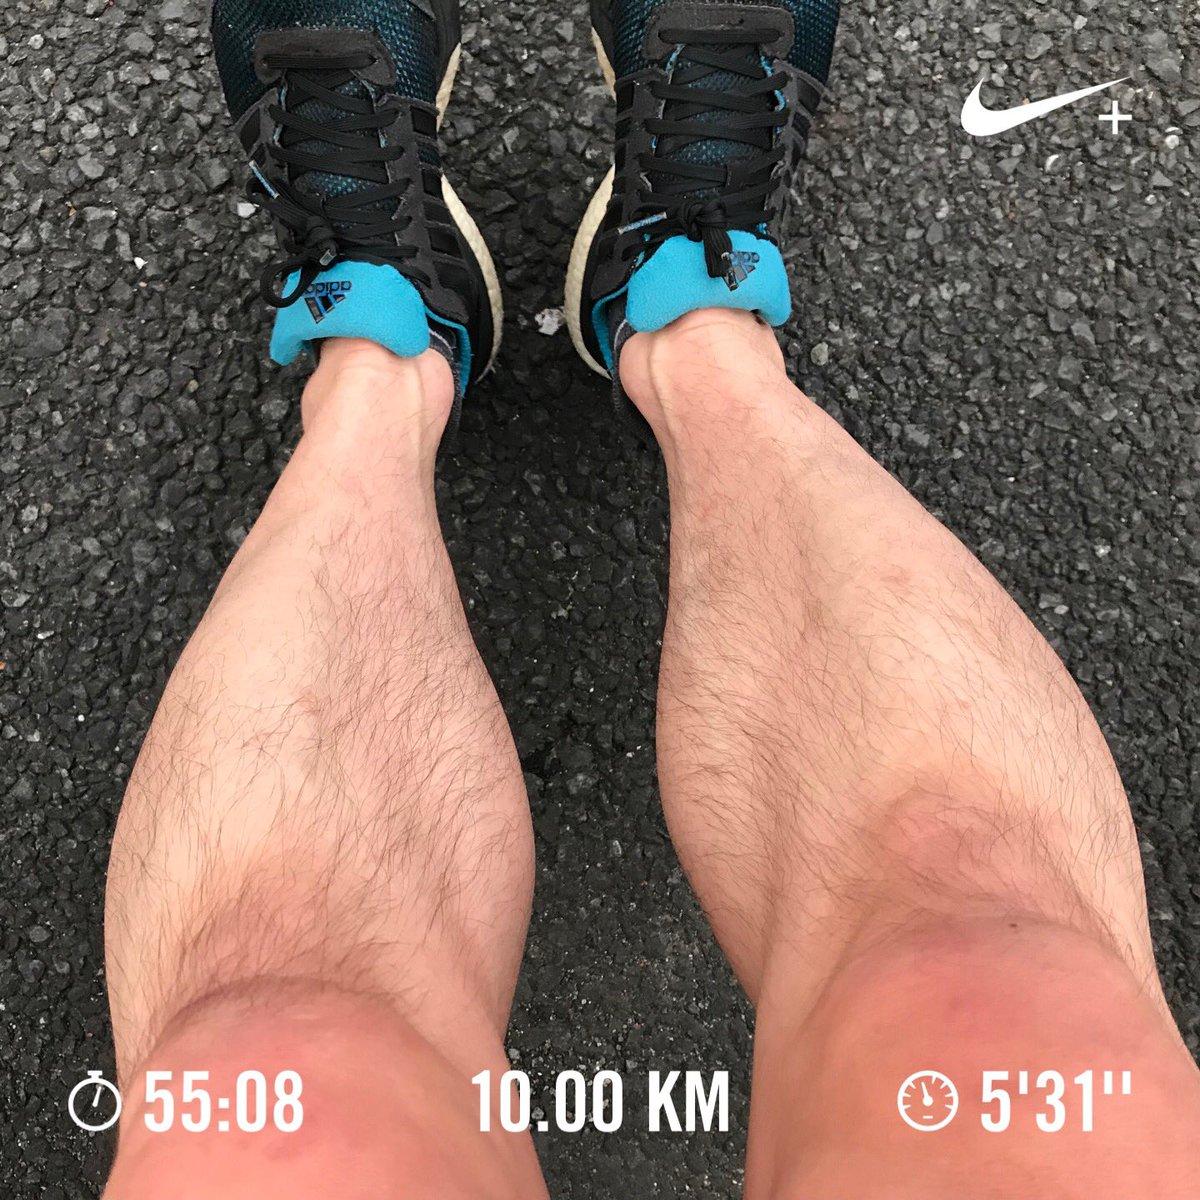 test ツイッターメディア - 課題だった脹脛の強化中。 走れて当たり前のレースなので、徹底的に足腰強化。 障害用のパワーを残しつつ、スタミナアップしないと… #スパルタンレース https://t.co/ViaM041w3g